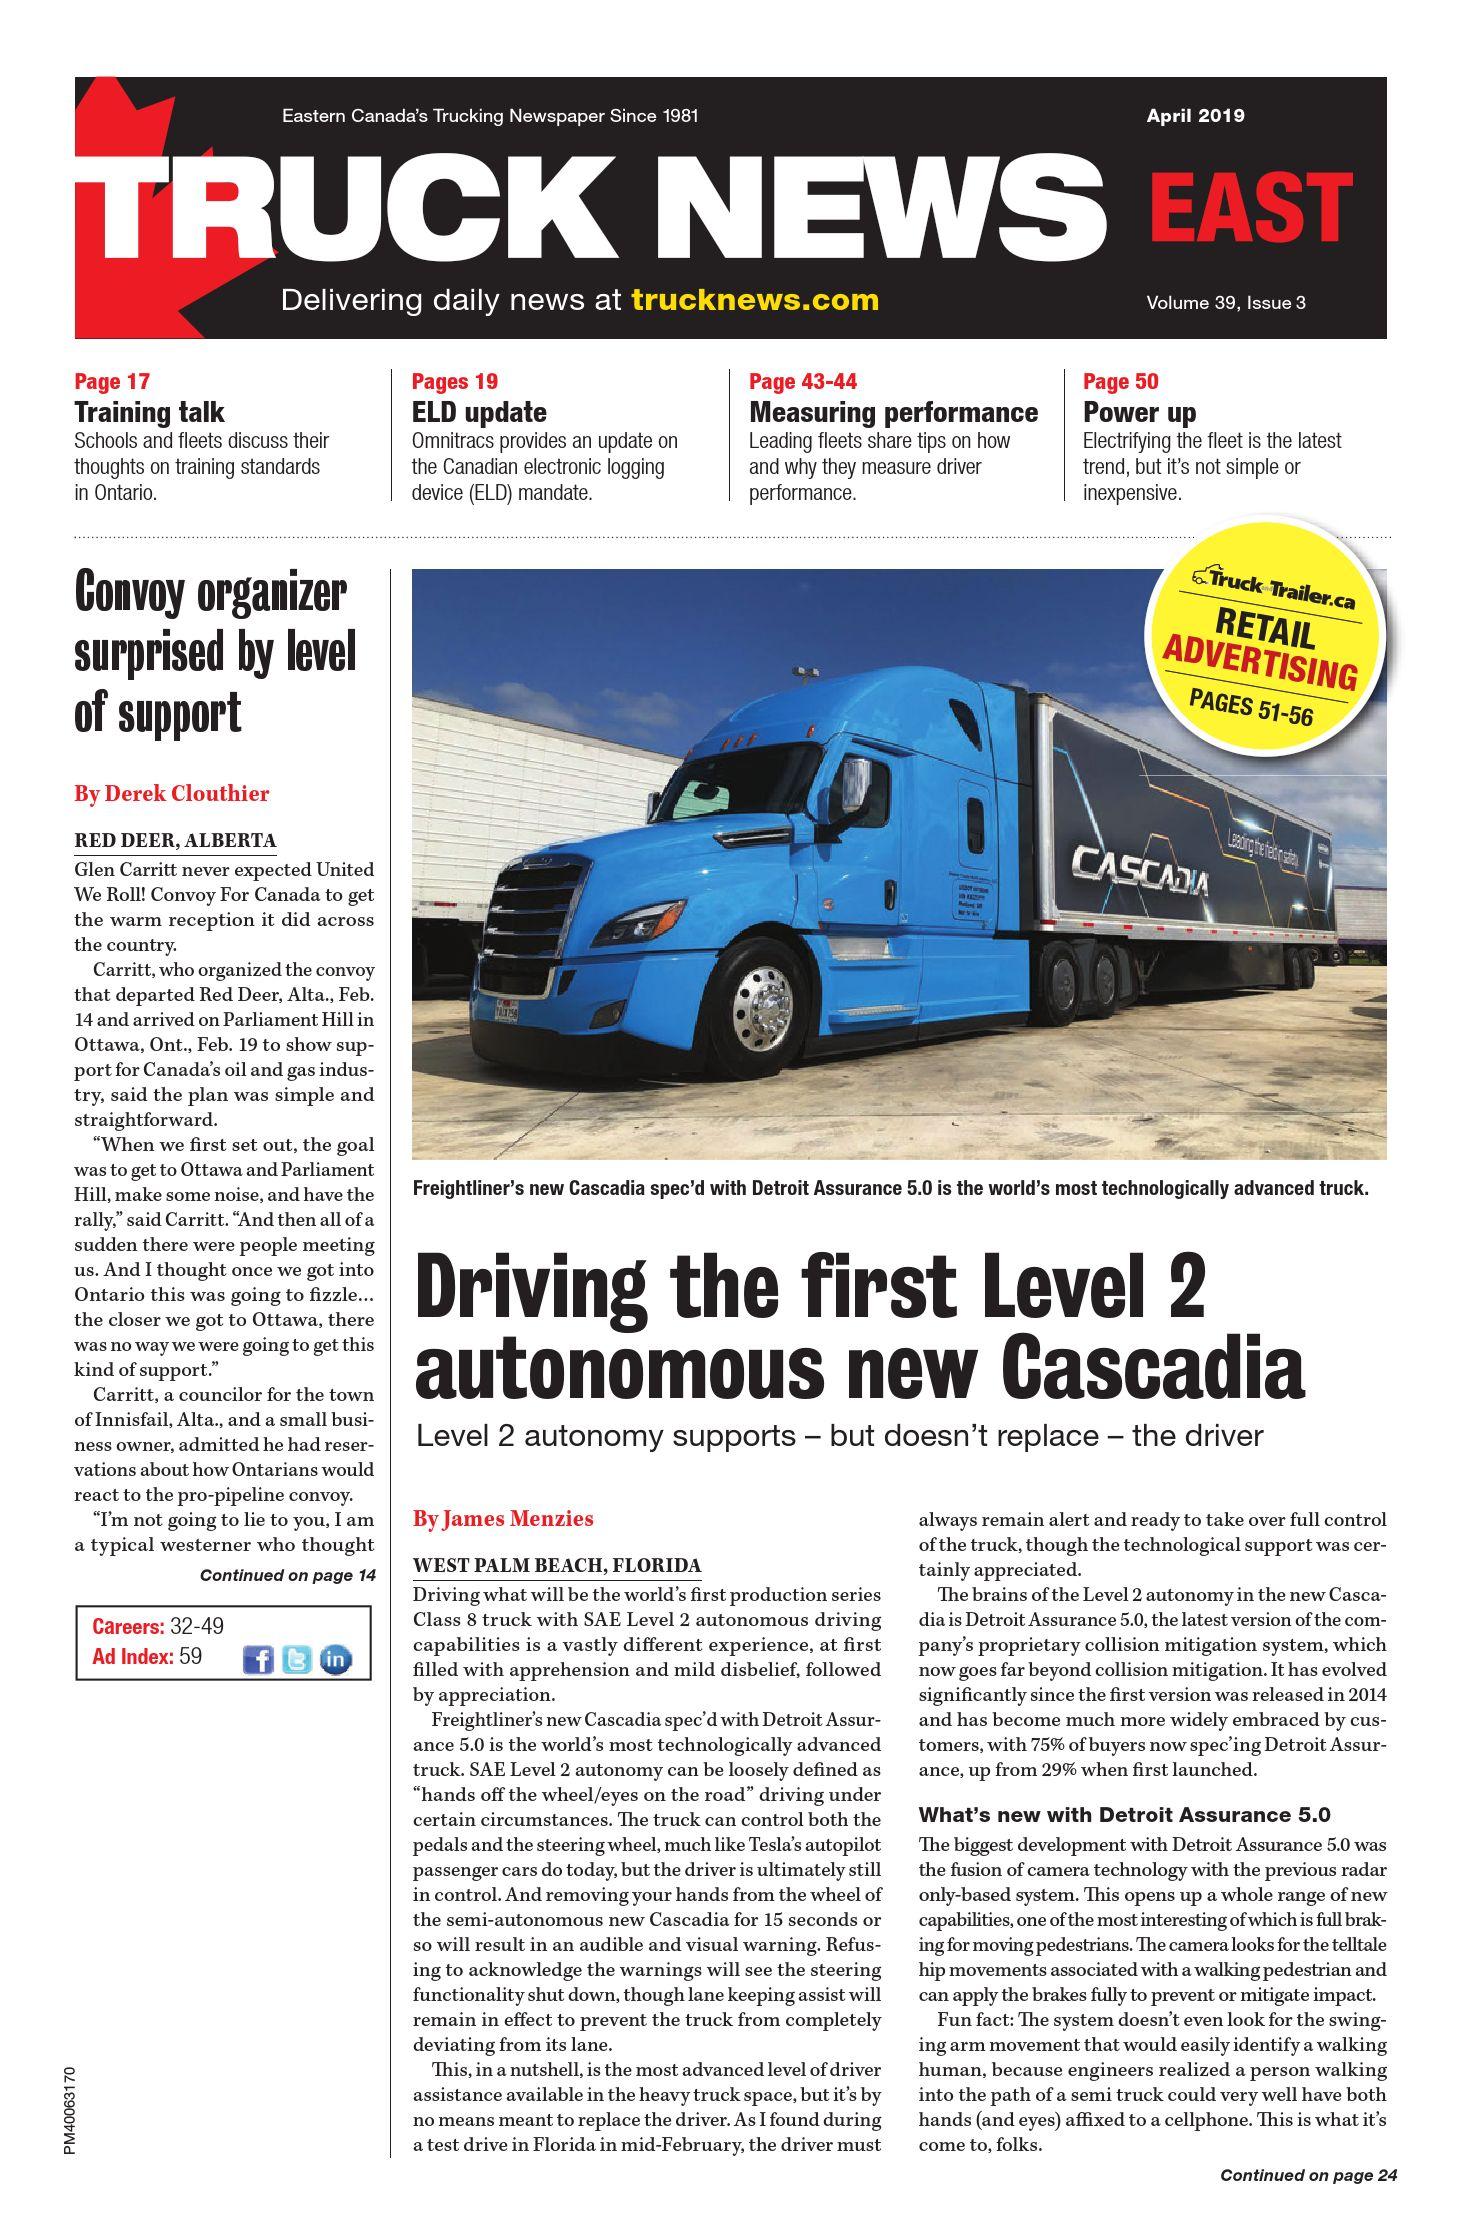 Truck News East – 1 avril 2019